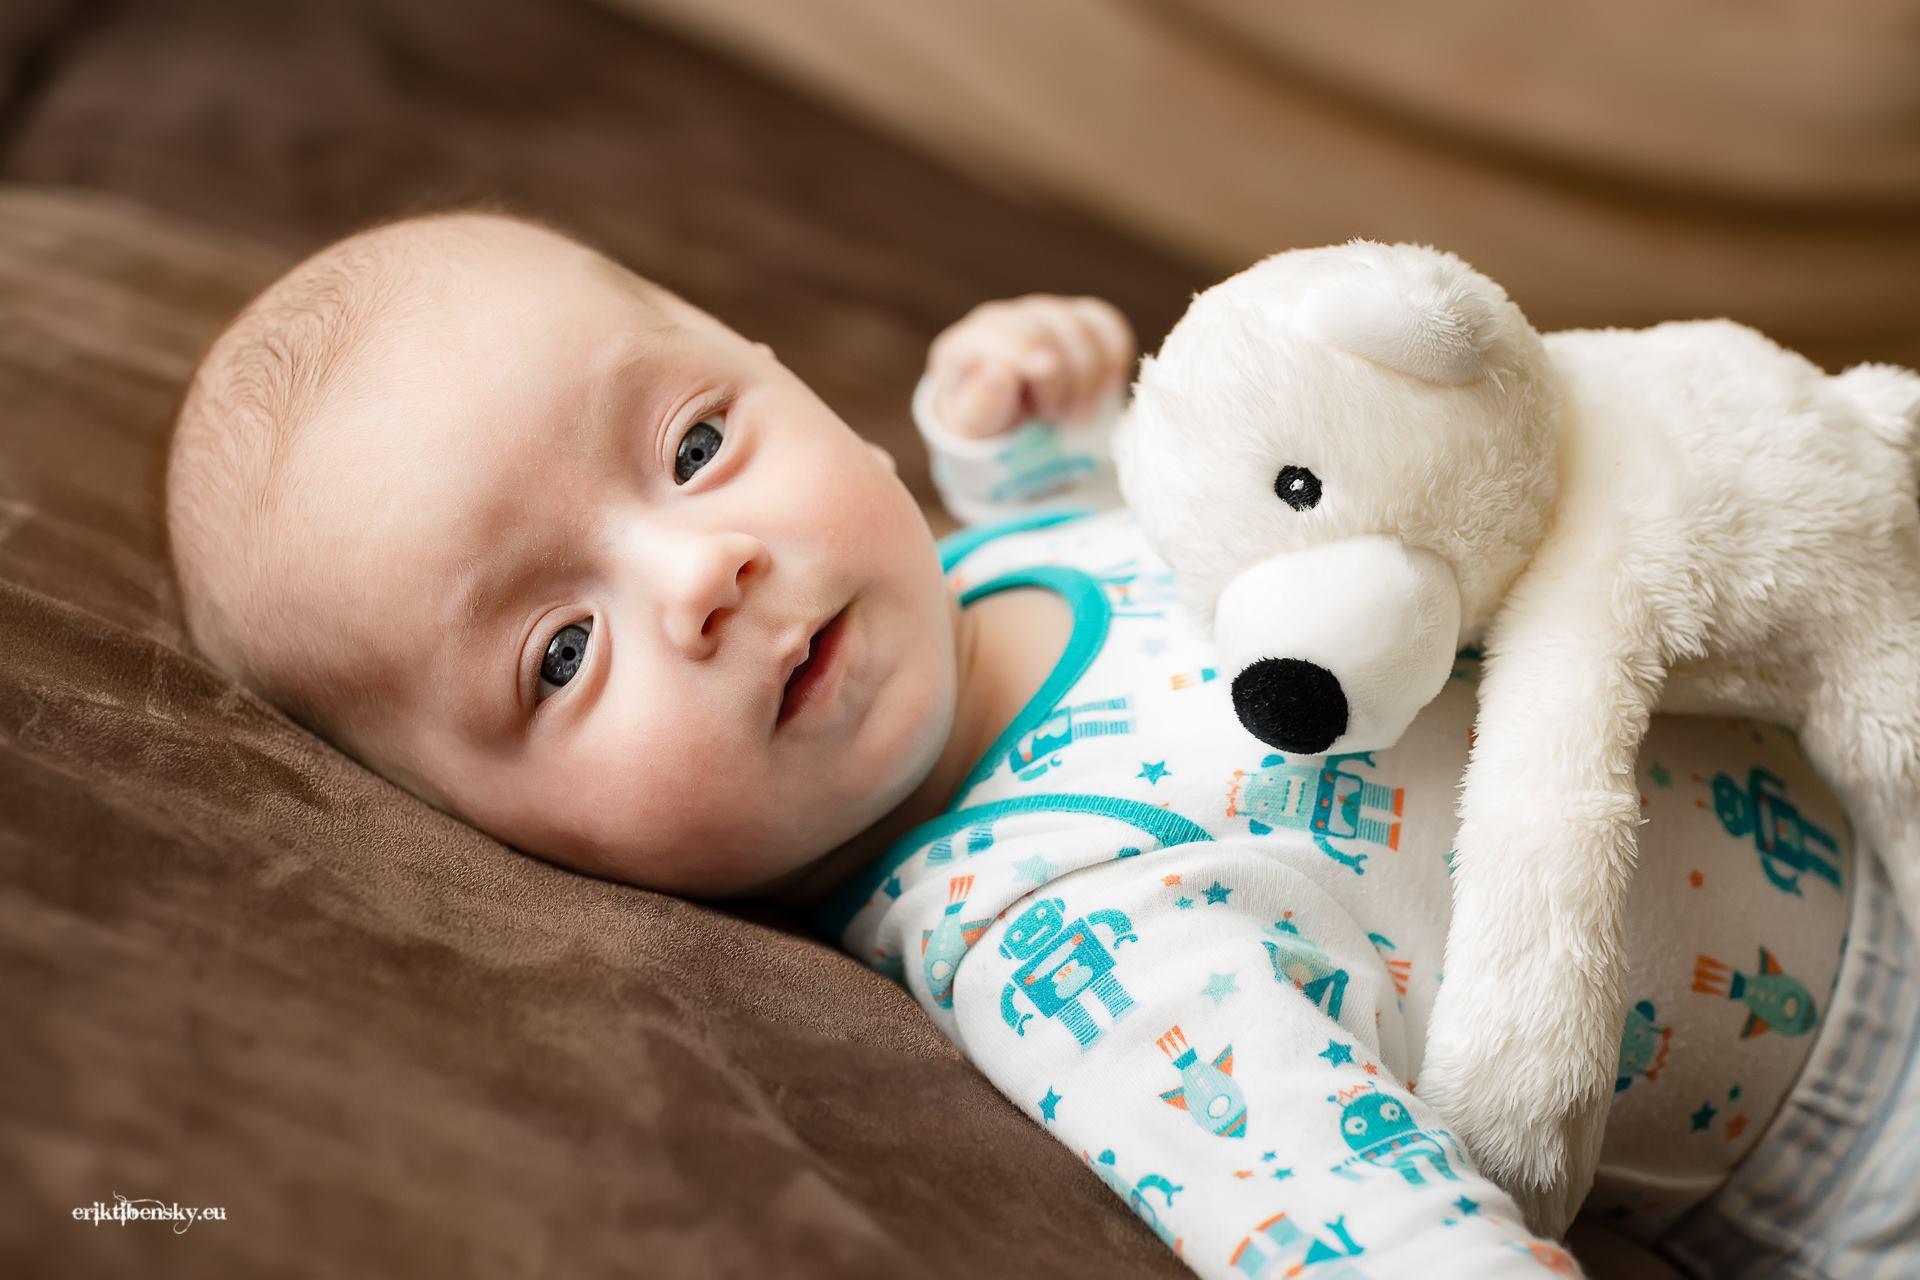 eriktibensky.eu-fotograf-children-pezinok-deti-tomasko-1003